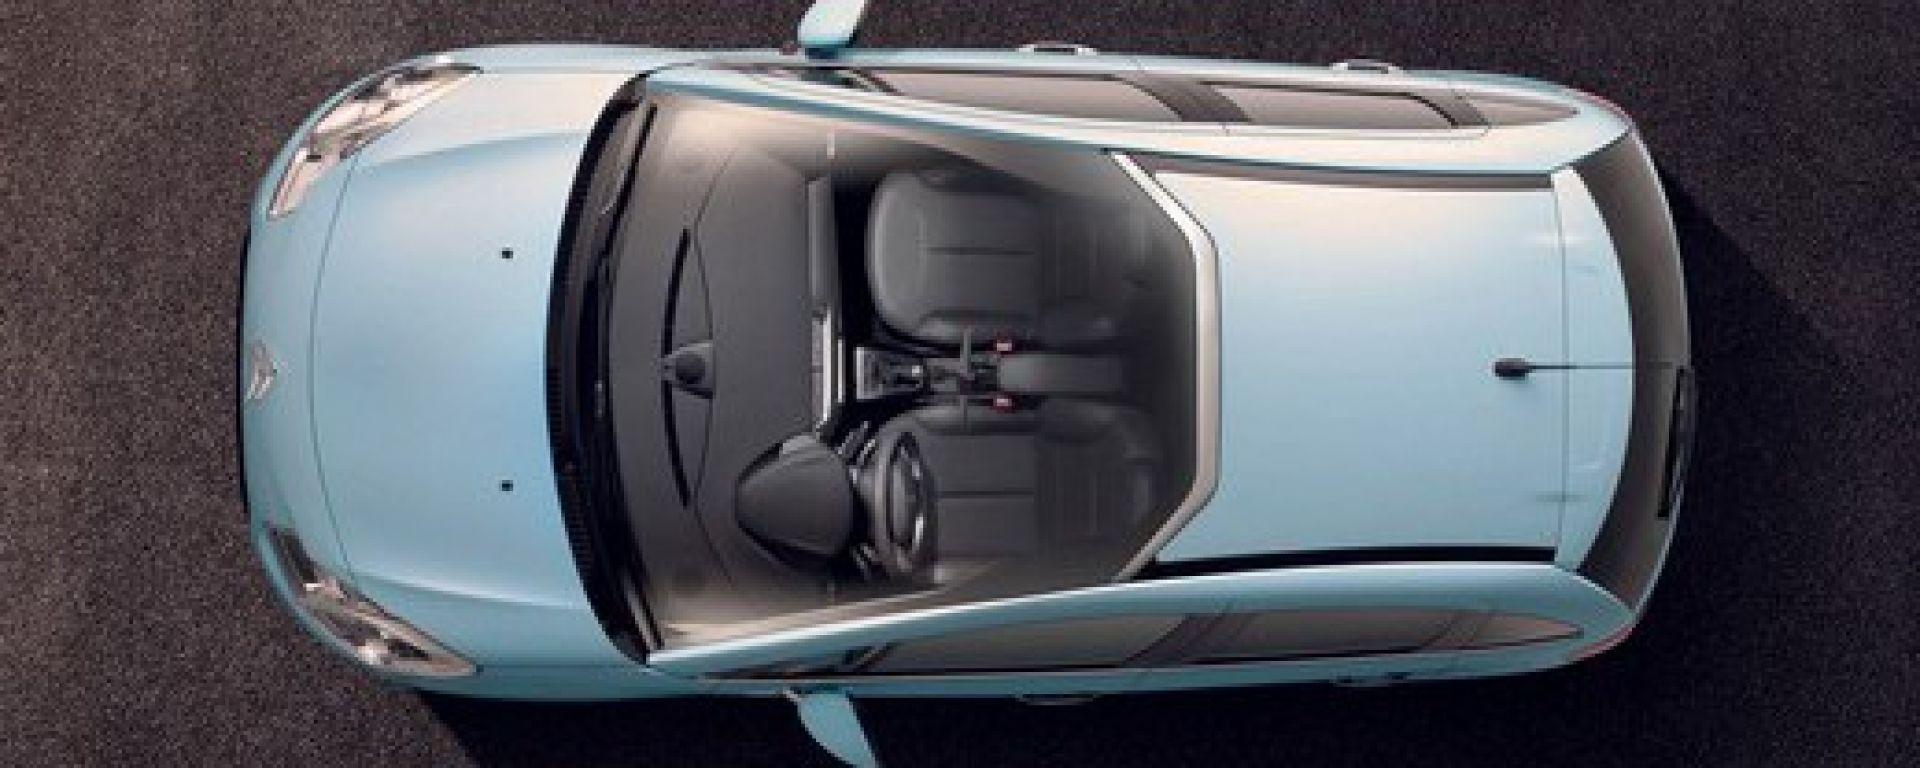 La Nuova Citroën C3 in 77 nuove immagini